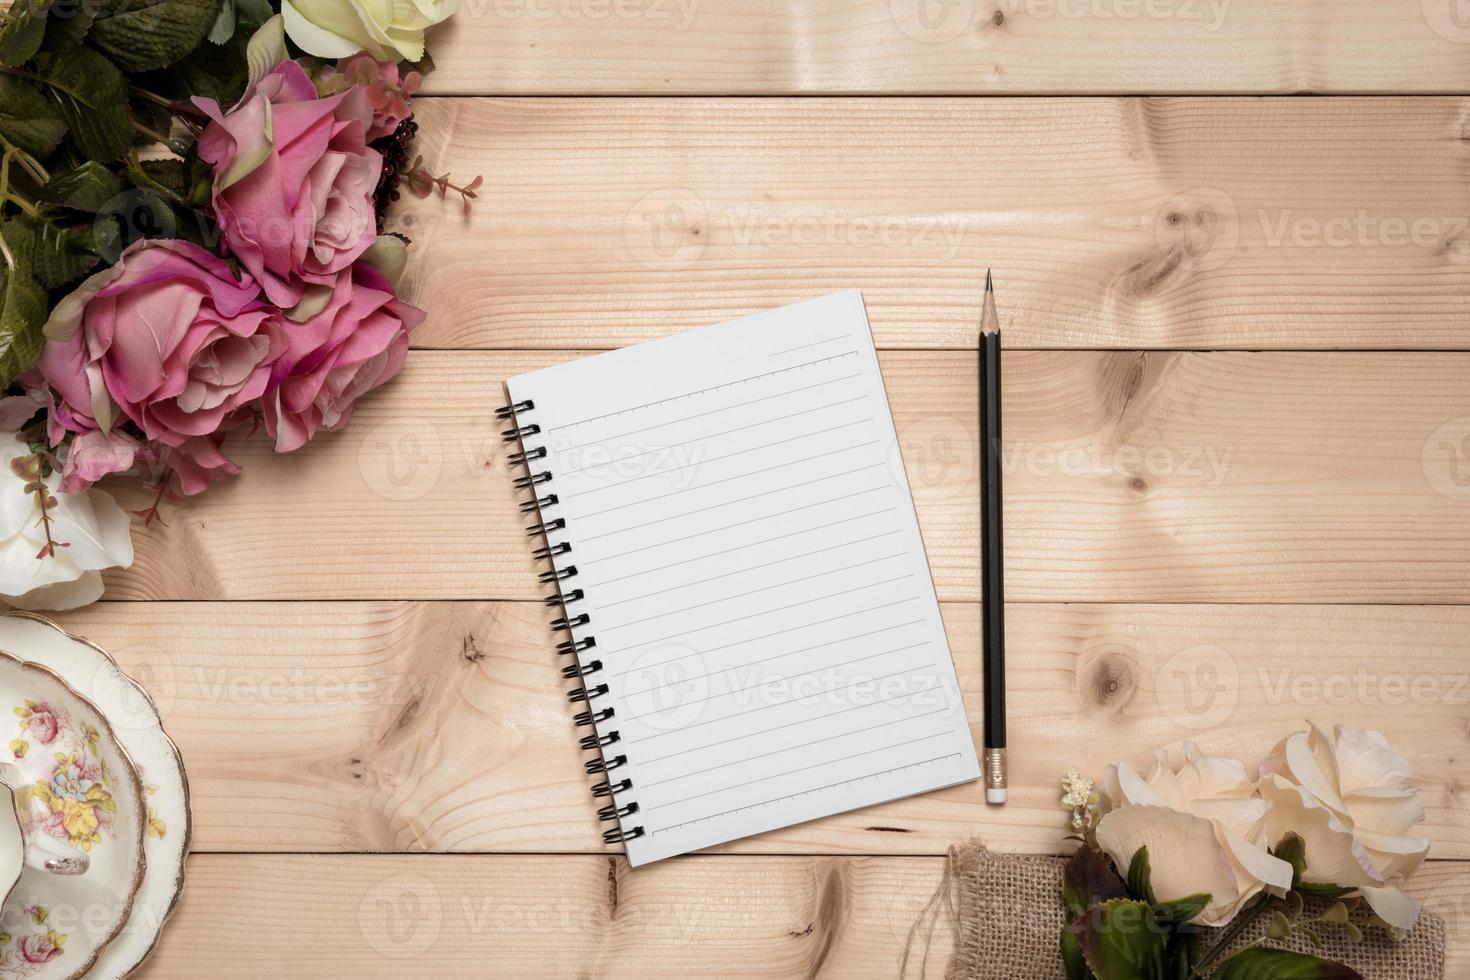 bloco de notas com lápis sobre o fundo de madeira foto